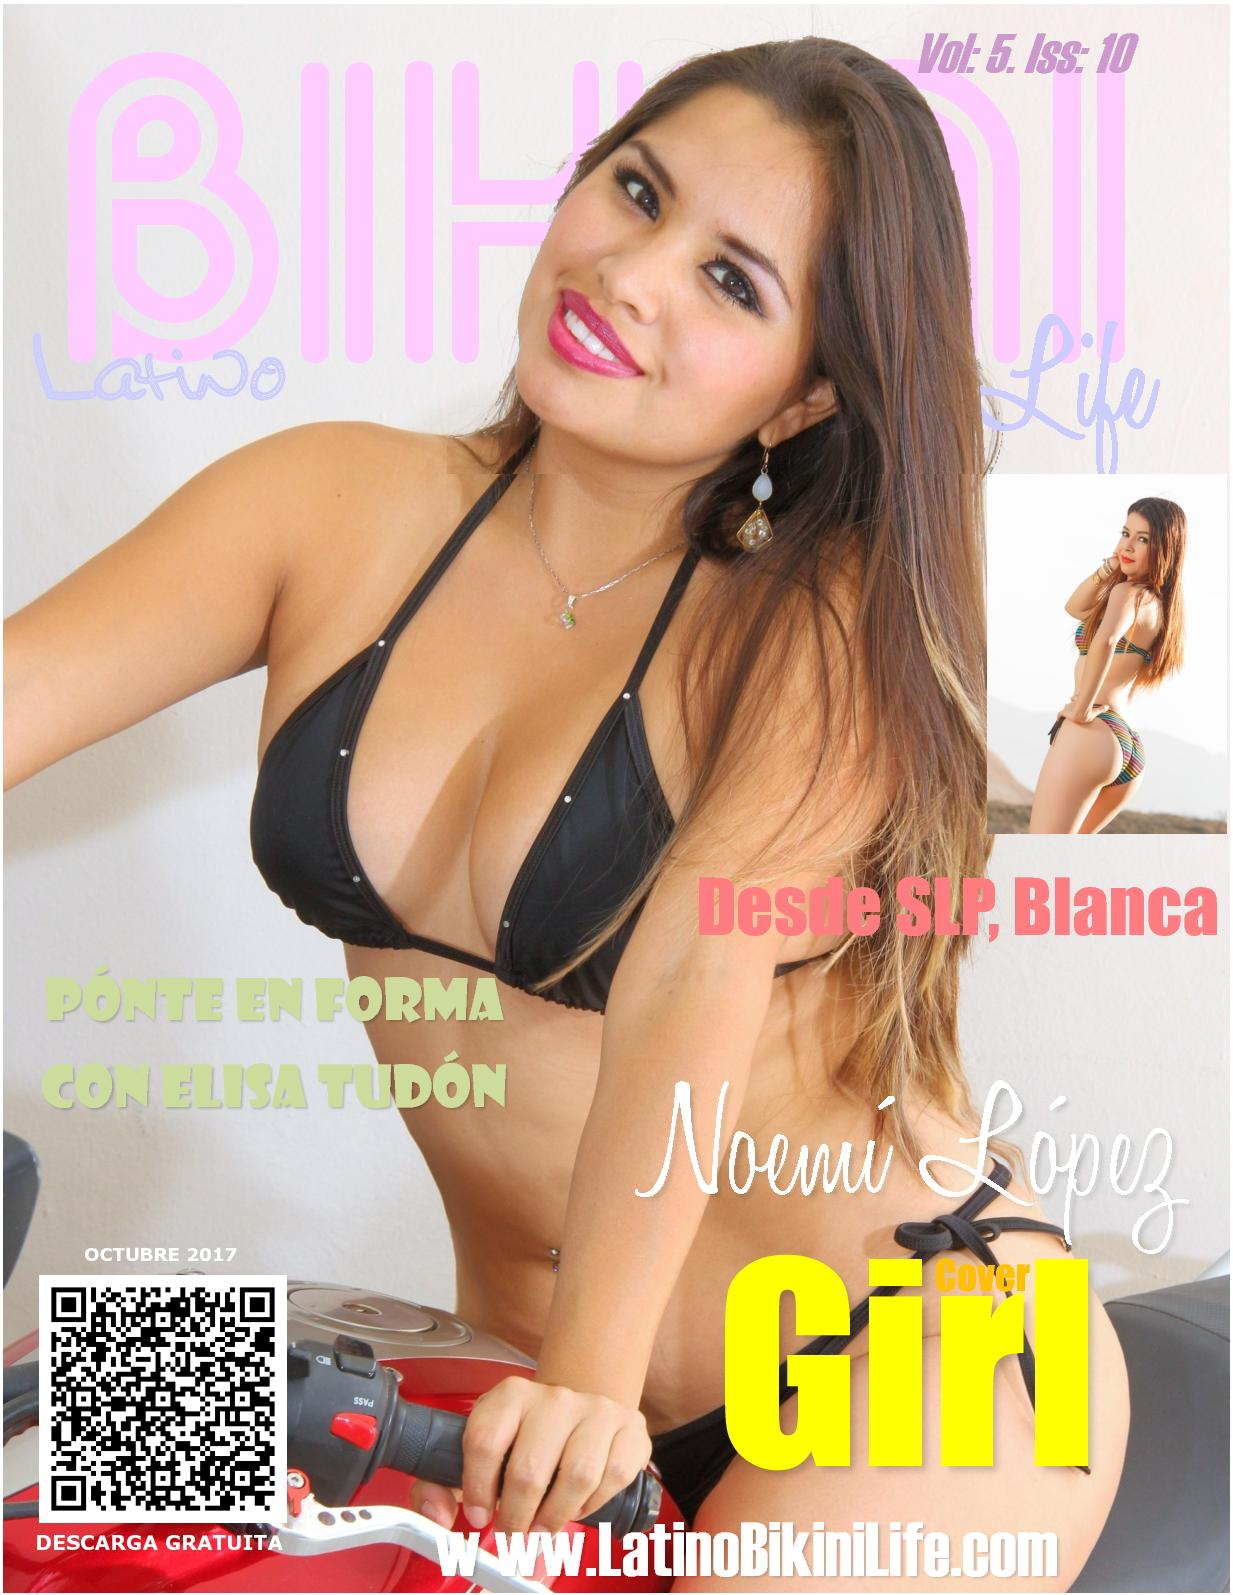 2017 Octubre Latino Bikini Life